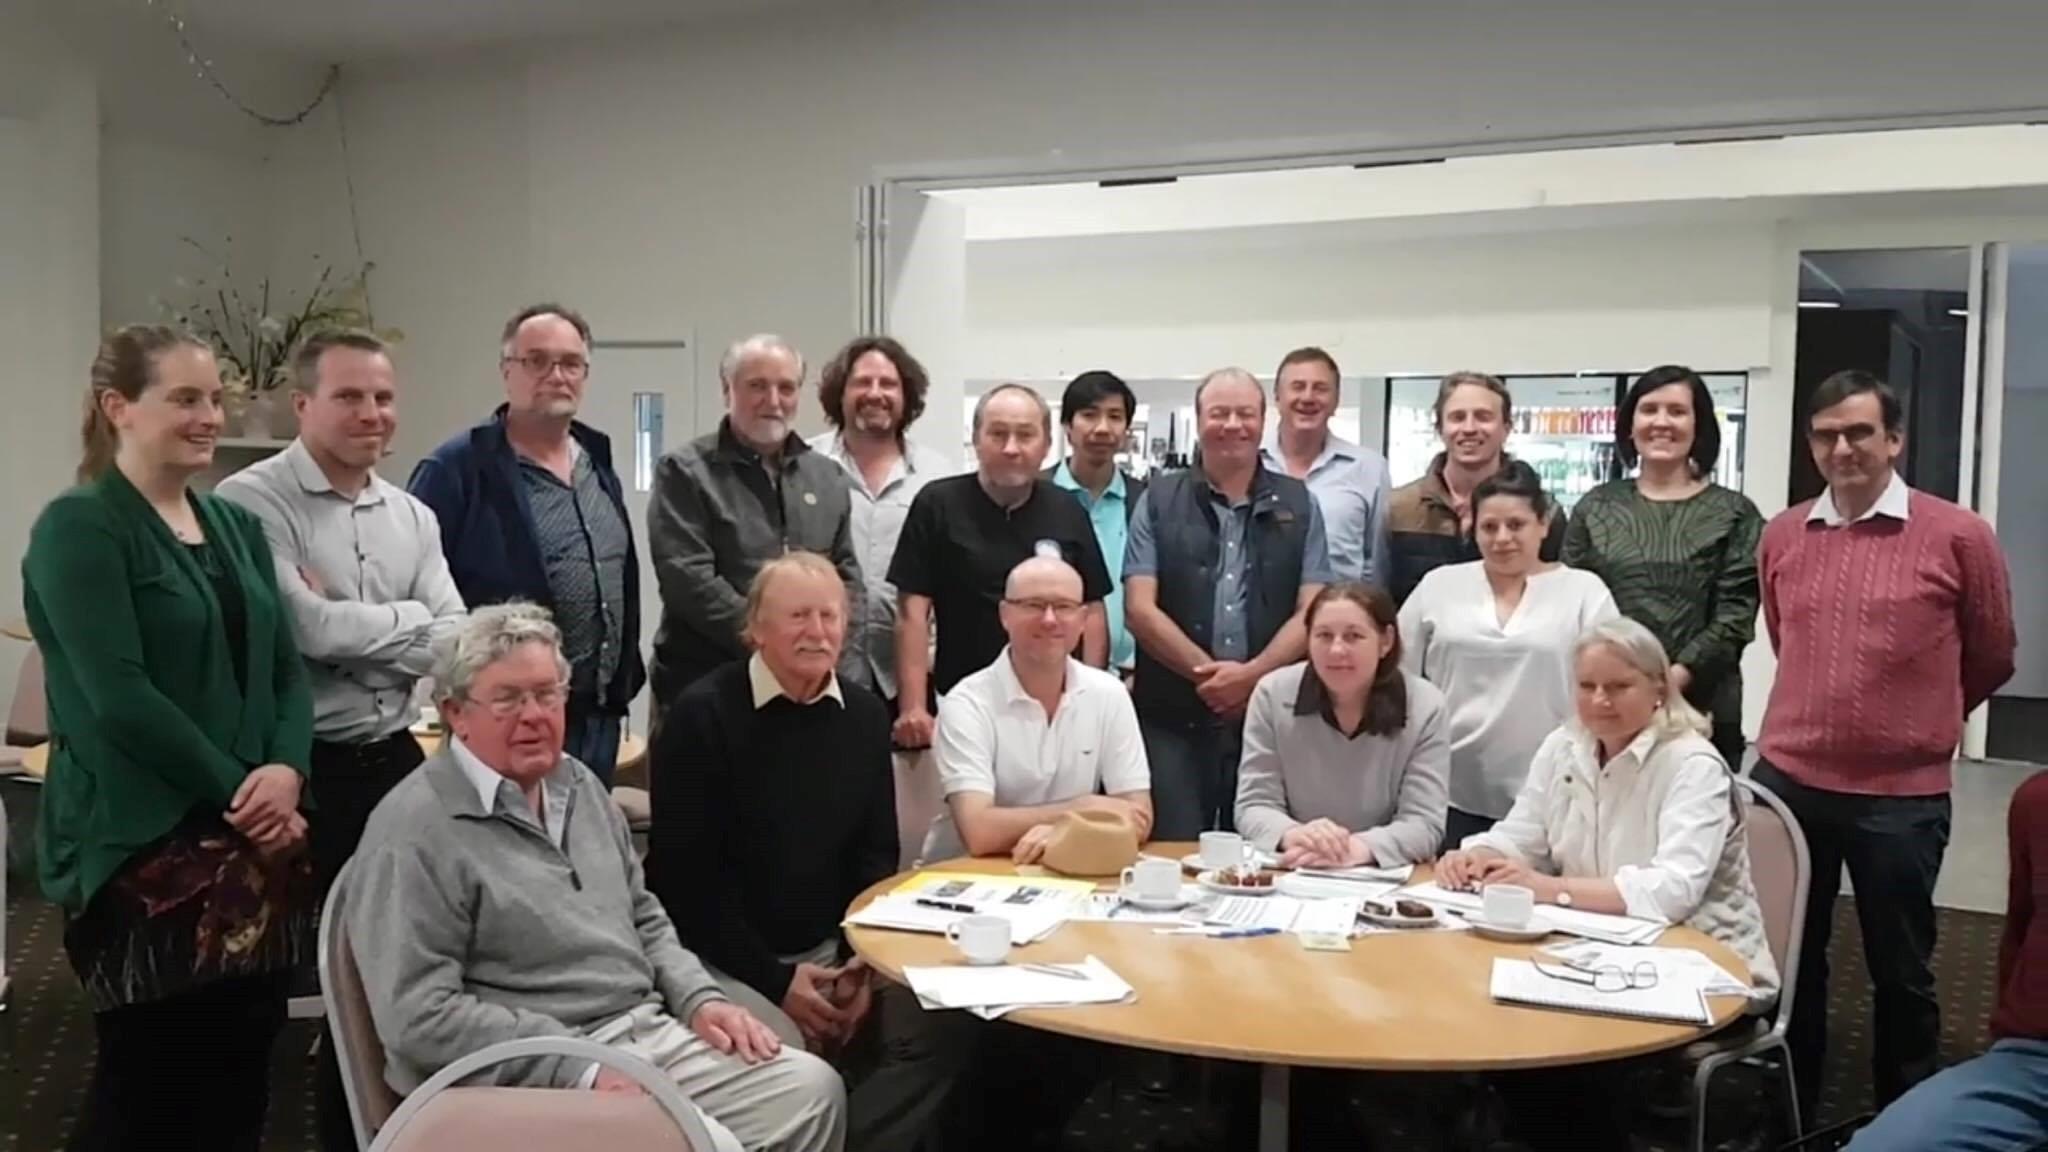 NAPREC conference participants